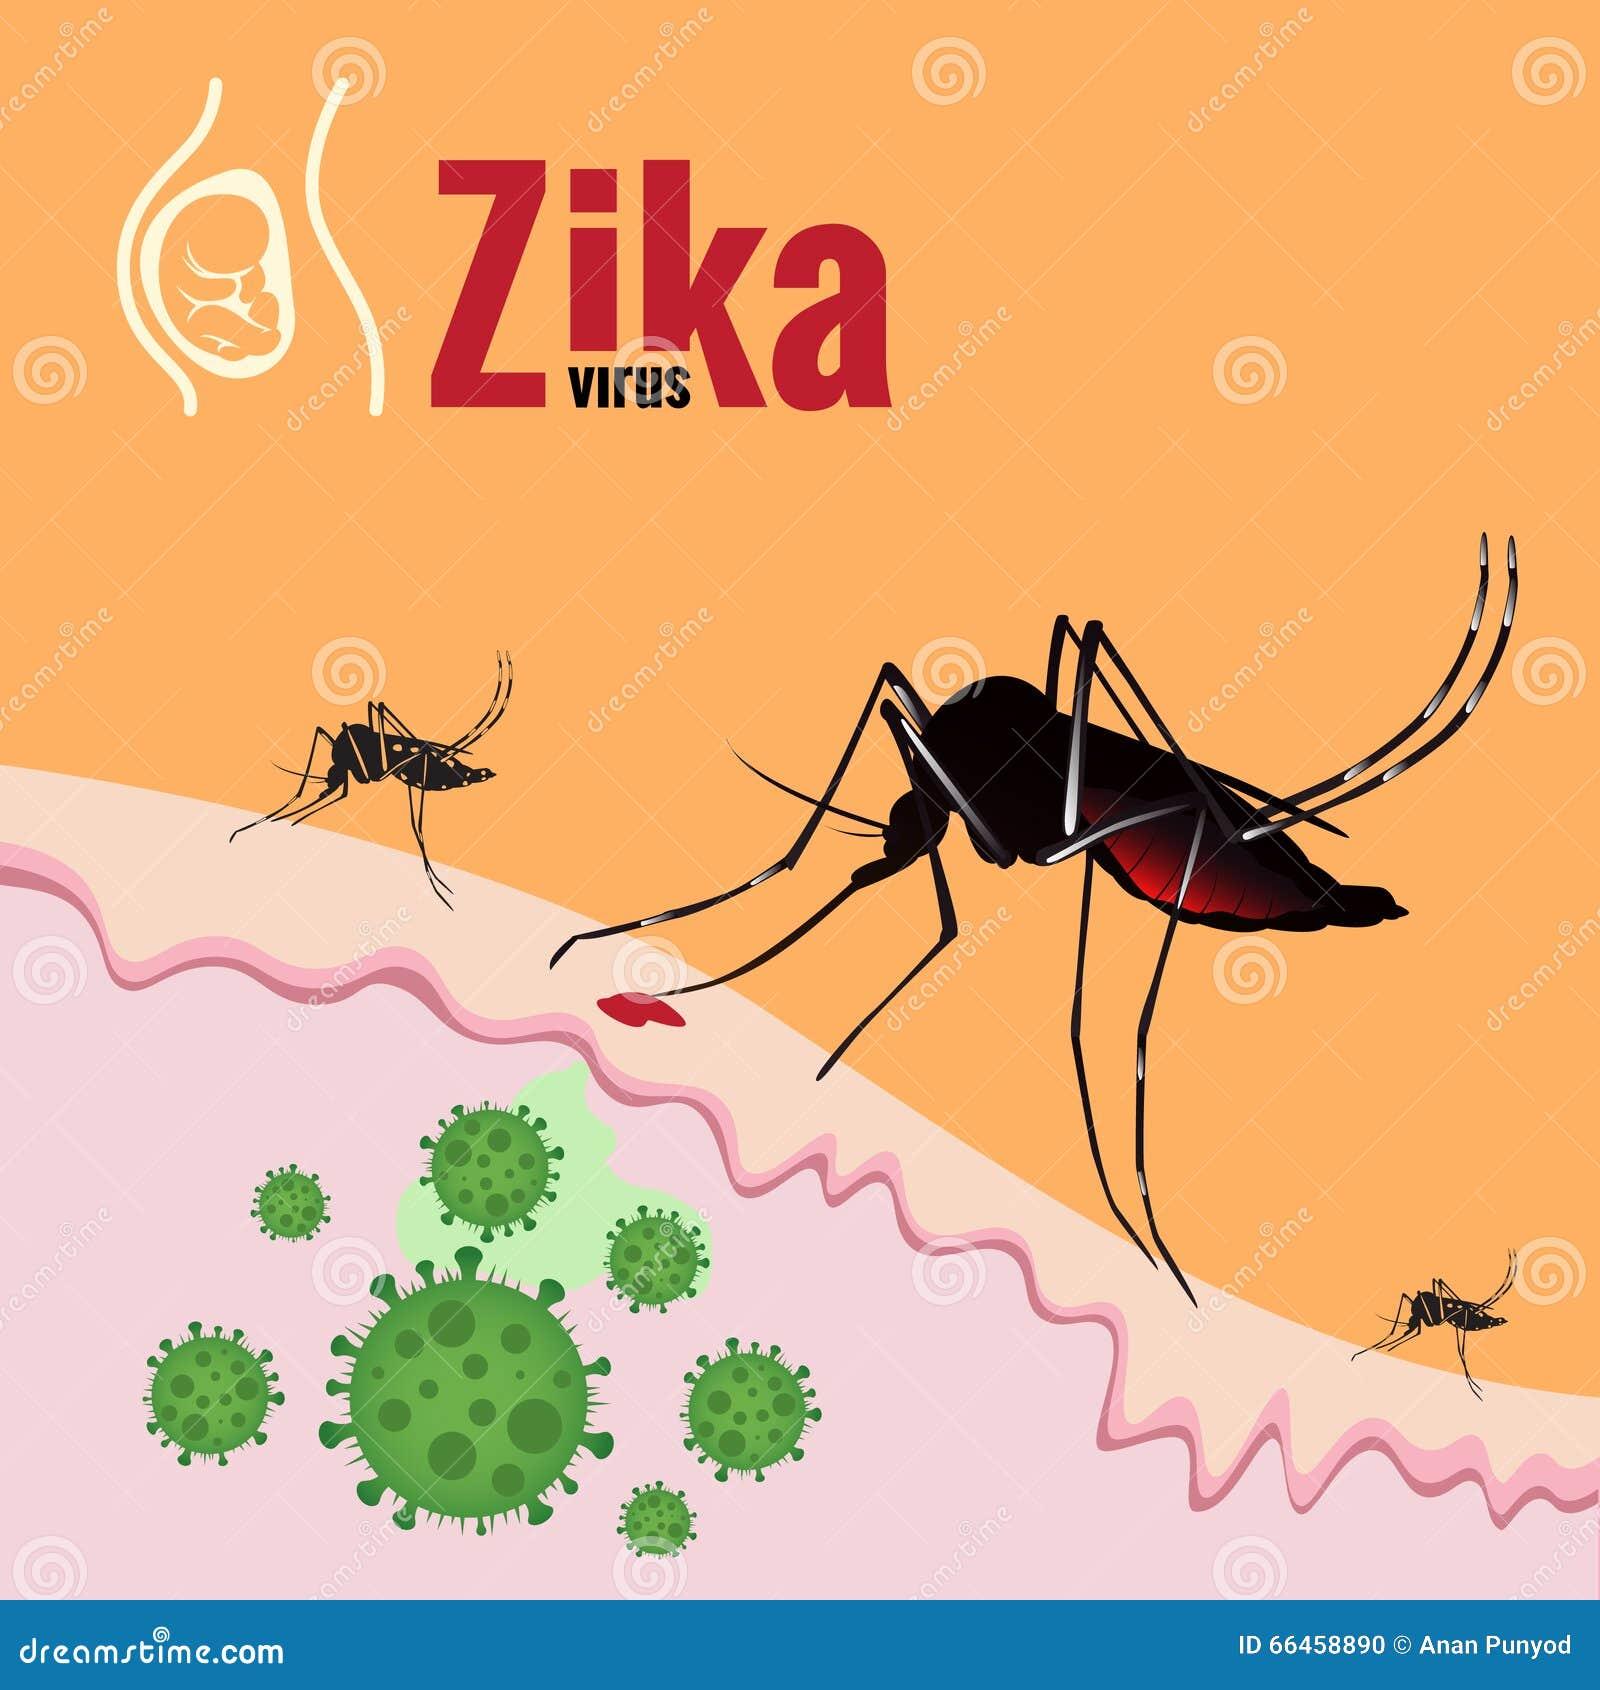 在皮肤的zika病毒爆发和蚊子吮的血液.